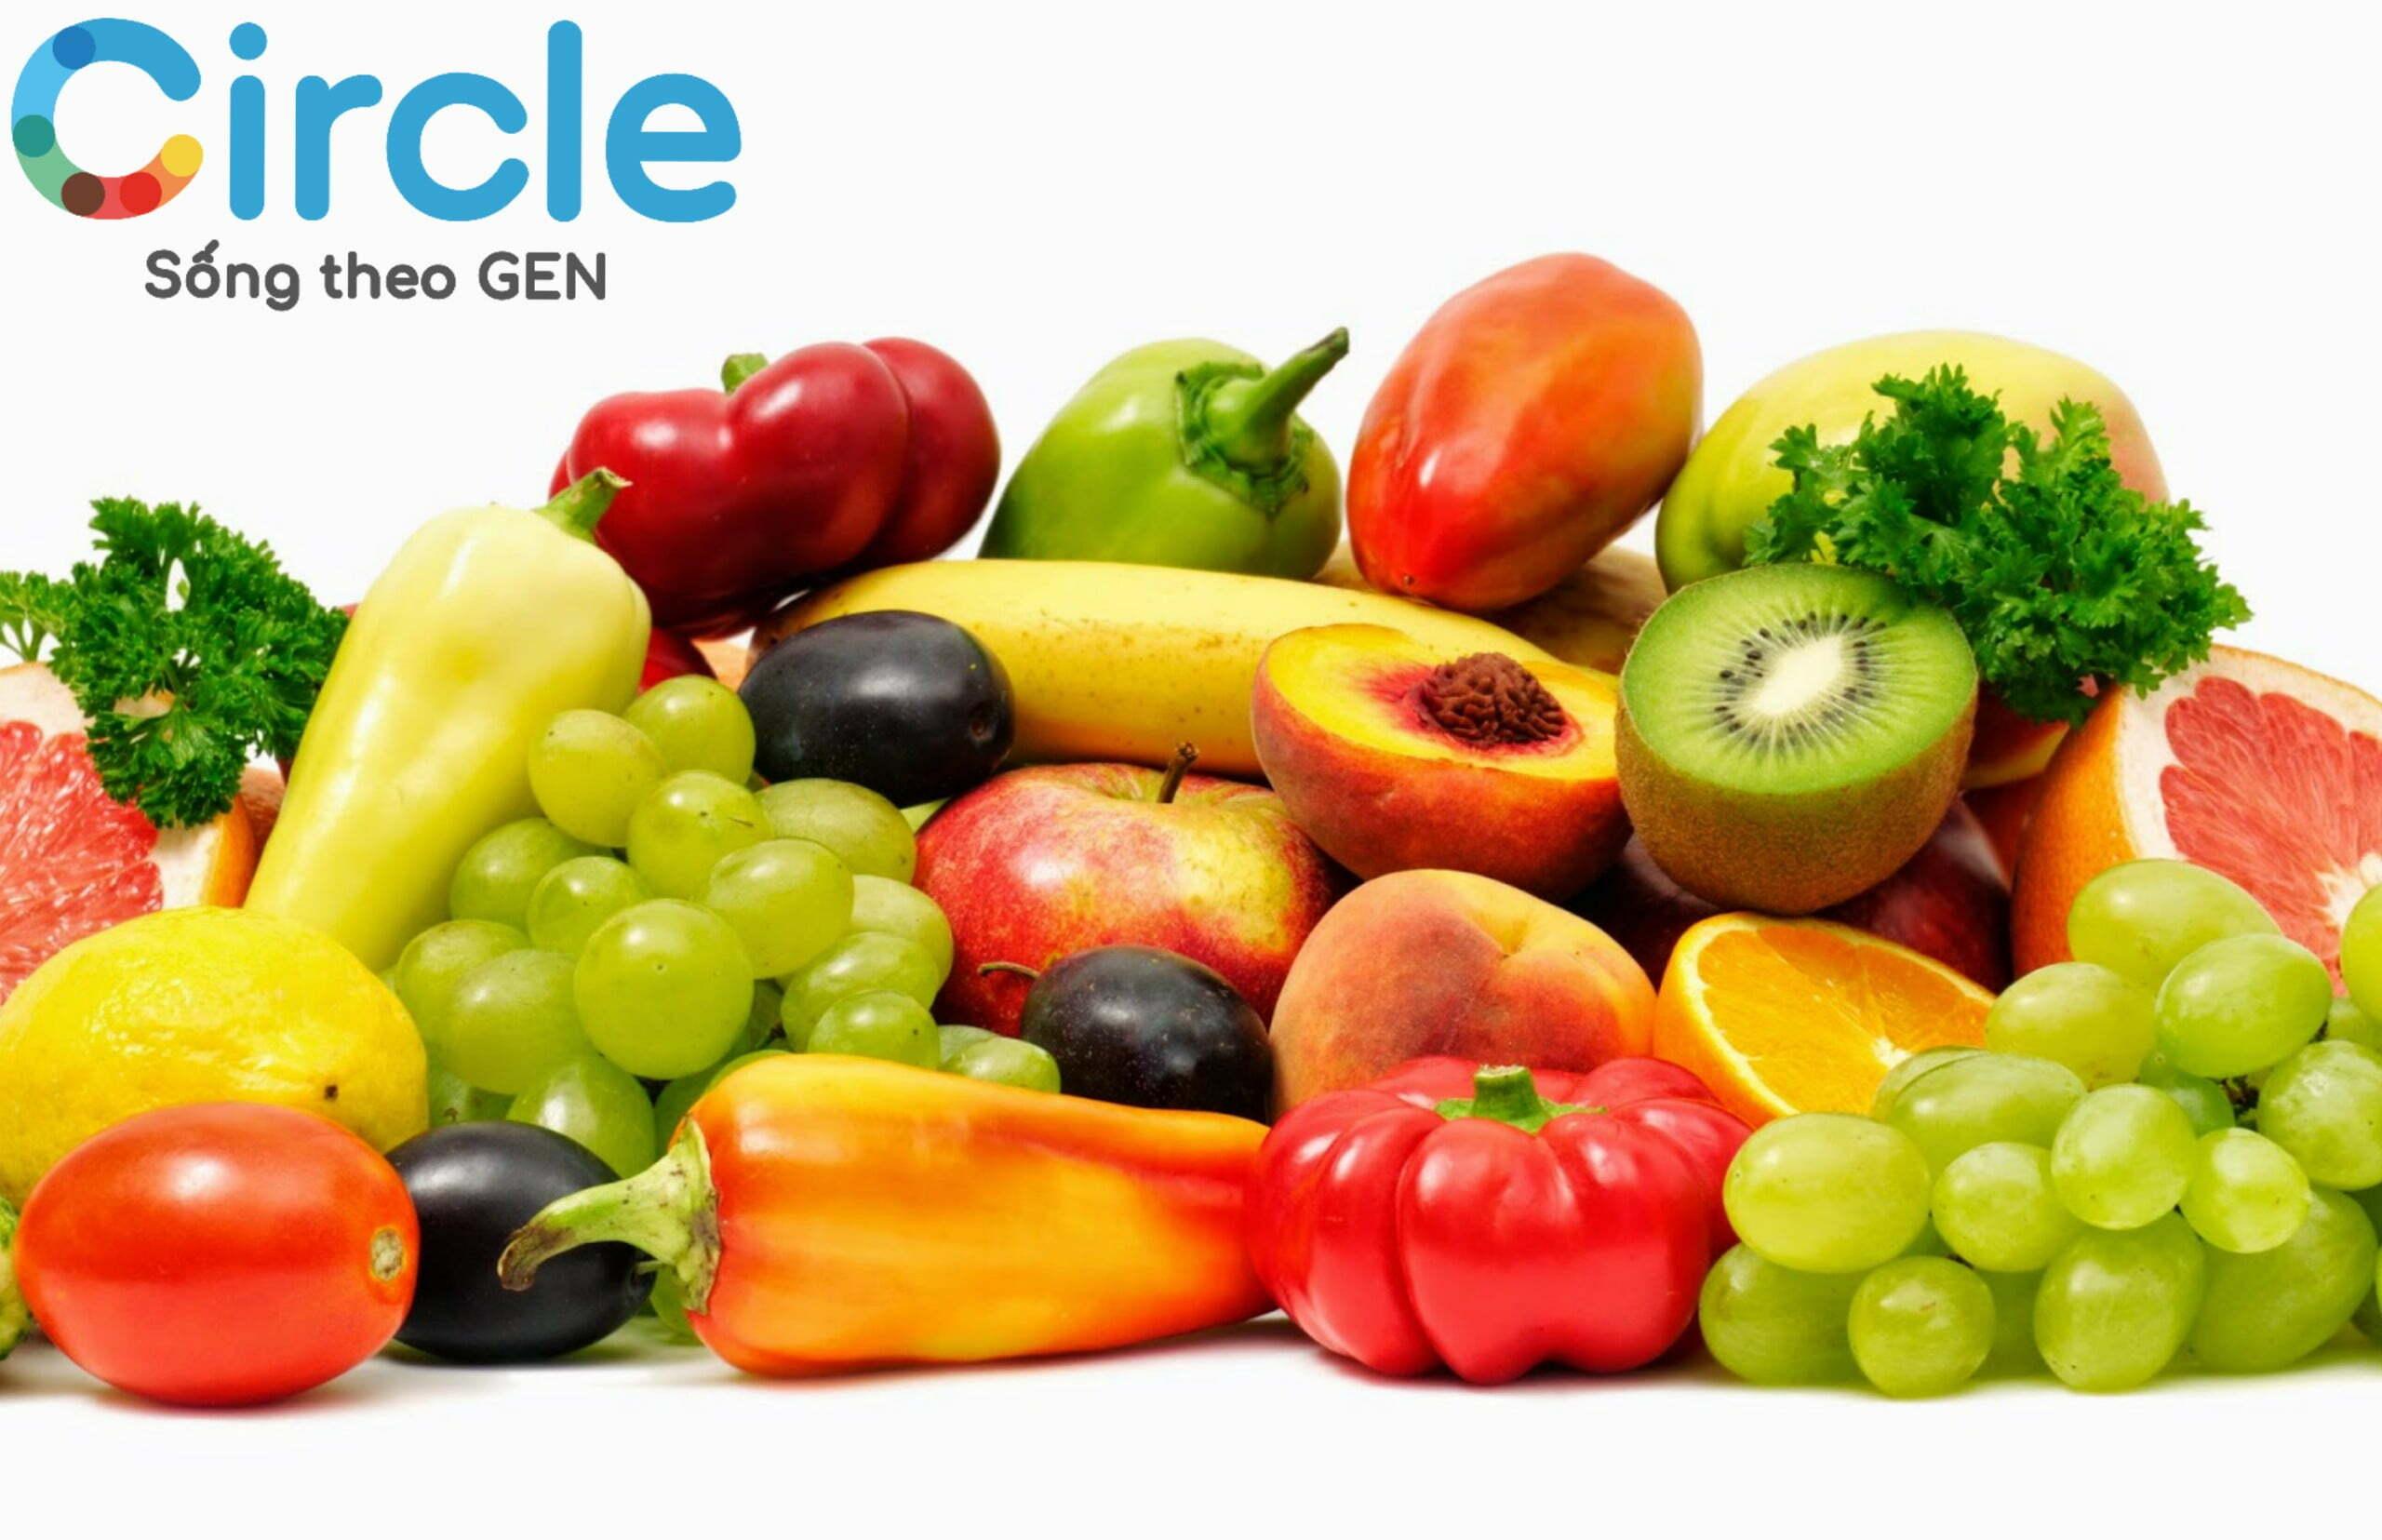 Trong trái cây có chứa rất nhiều vitamin cùng khoáng chất và các vi chất dinh dưỡng khác. Vì vậy, trái cây không thể thiếu dành cho trẻ nhỏ.